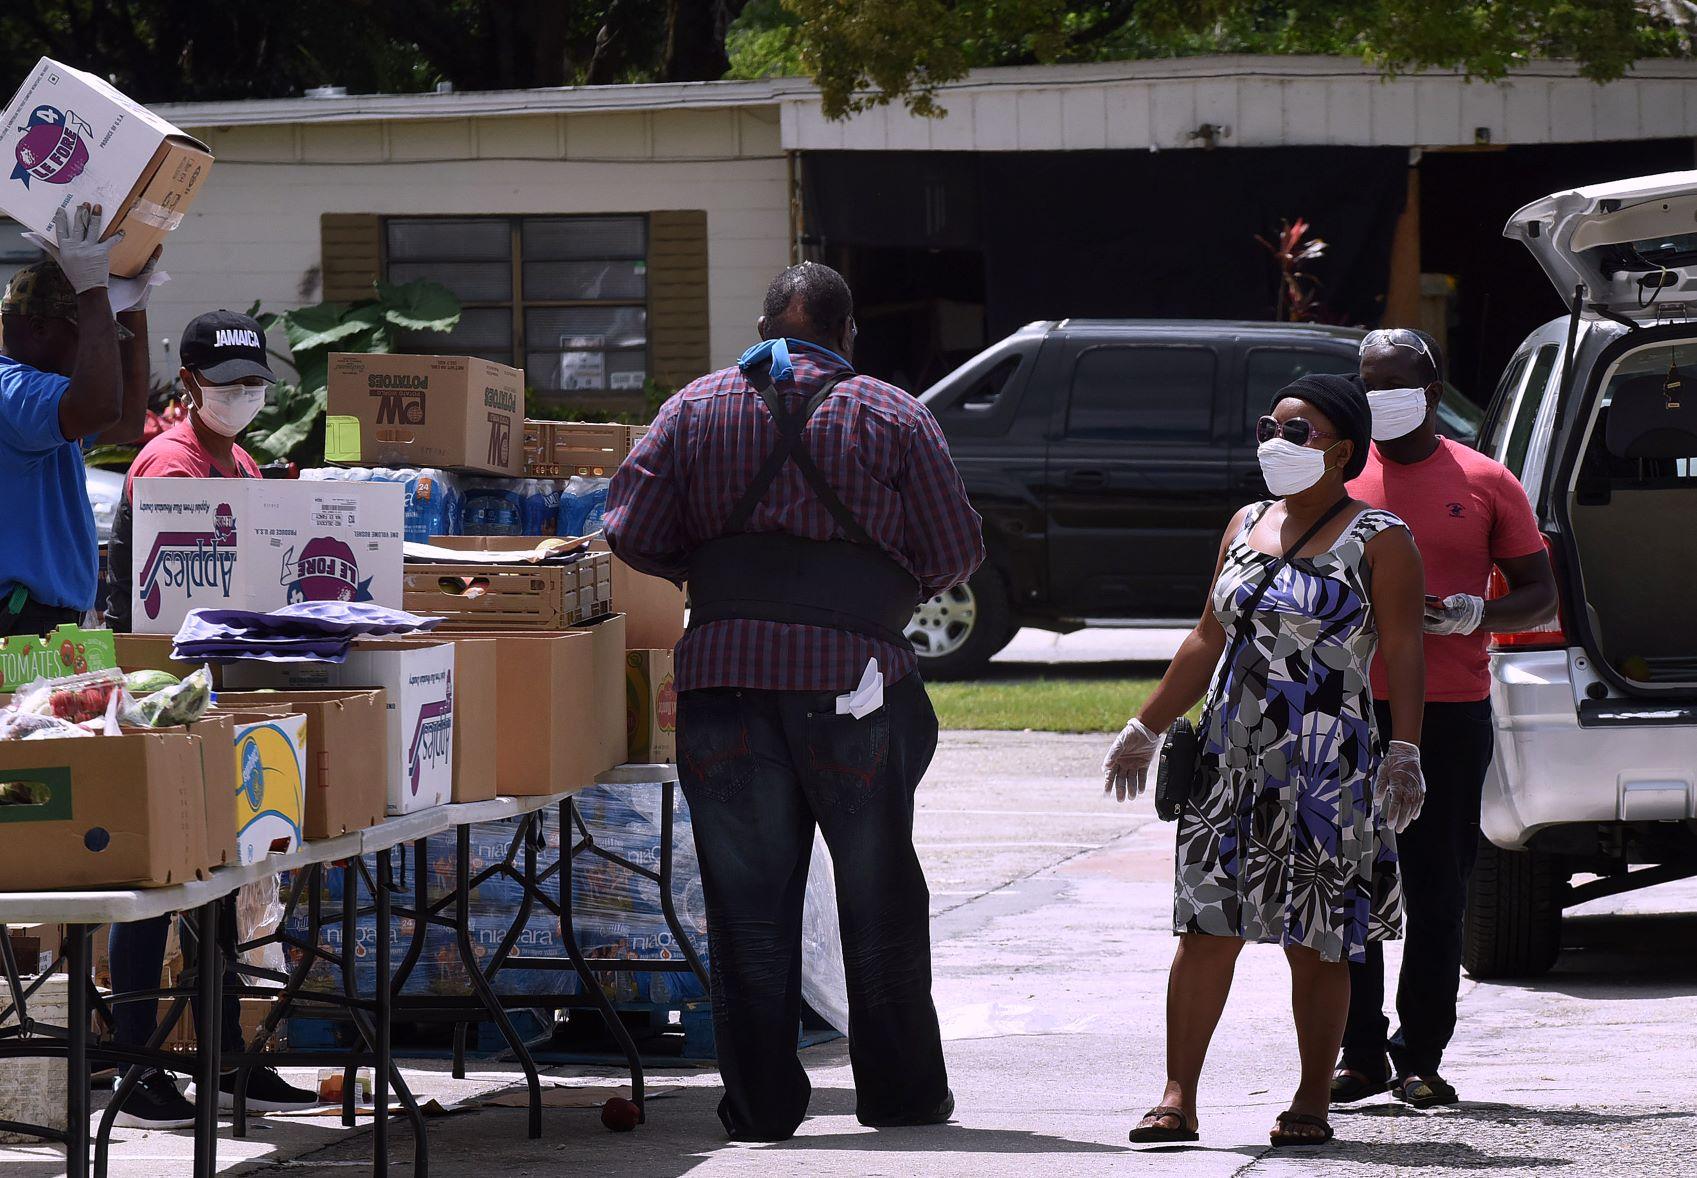 Fila de desempregados em banco de comida na Flórida (EUA): recuperação dos nível é desafio para o capitalismo após a pandemia (Foto: Paul Hennessy/NurPhoto/AFP)